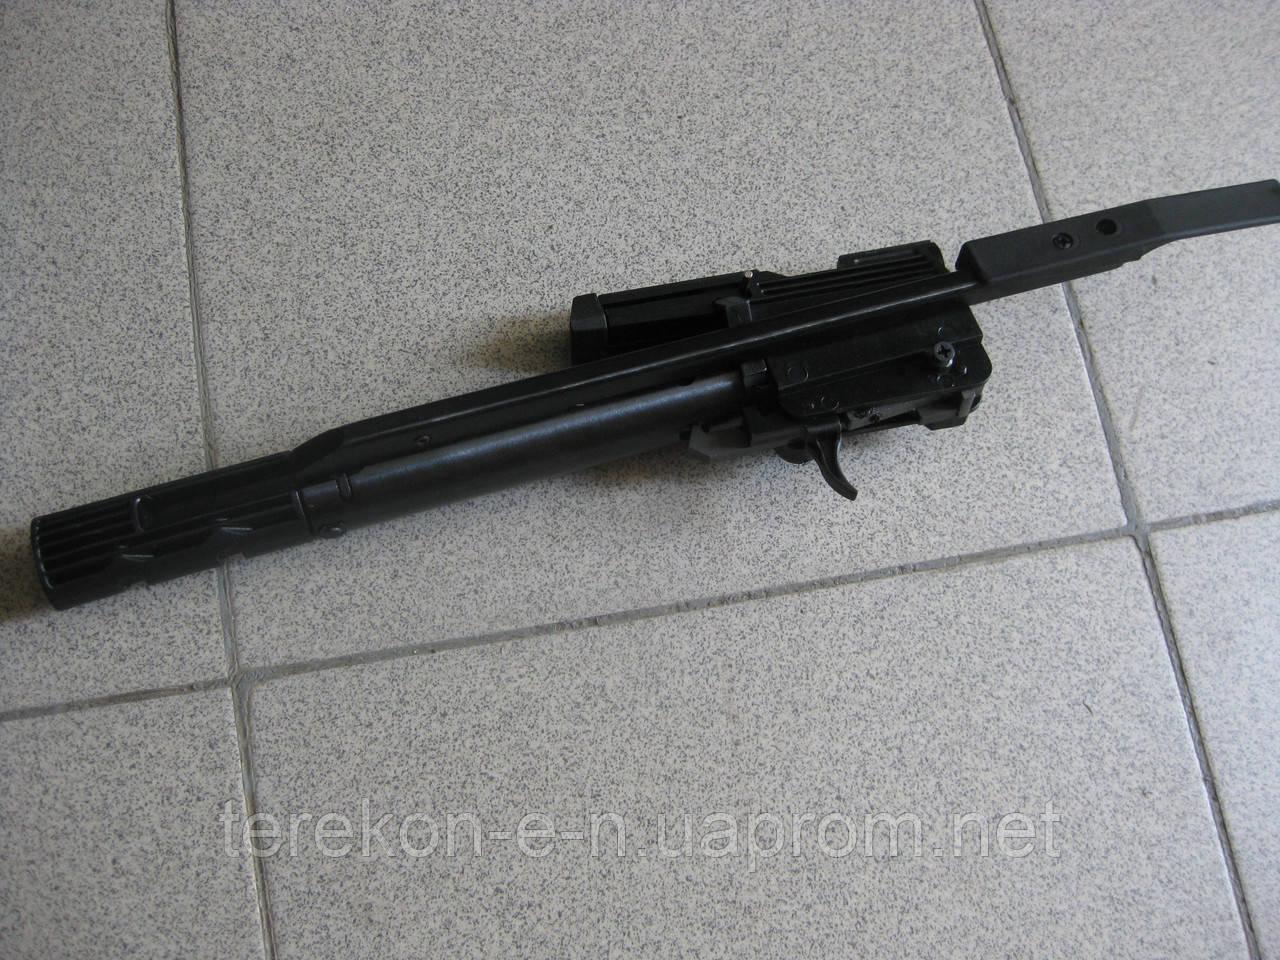 Спусковий механізм для гвинтівки мр60, иж60 з важелем взводу